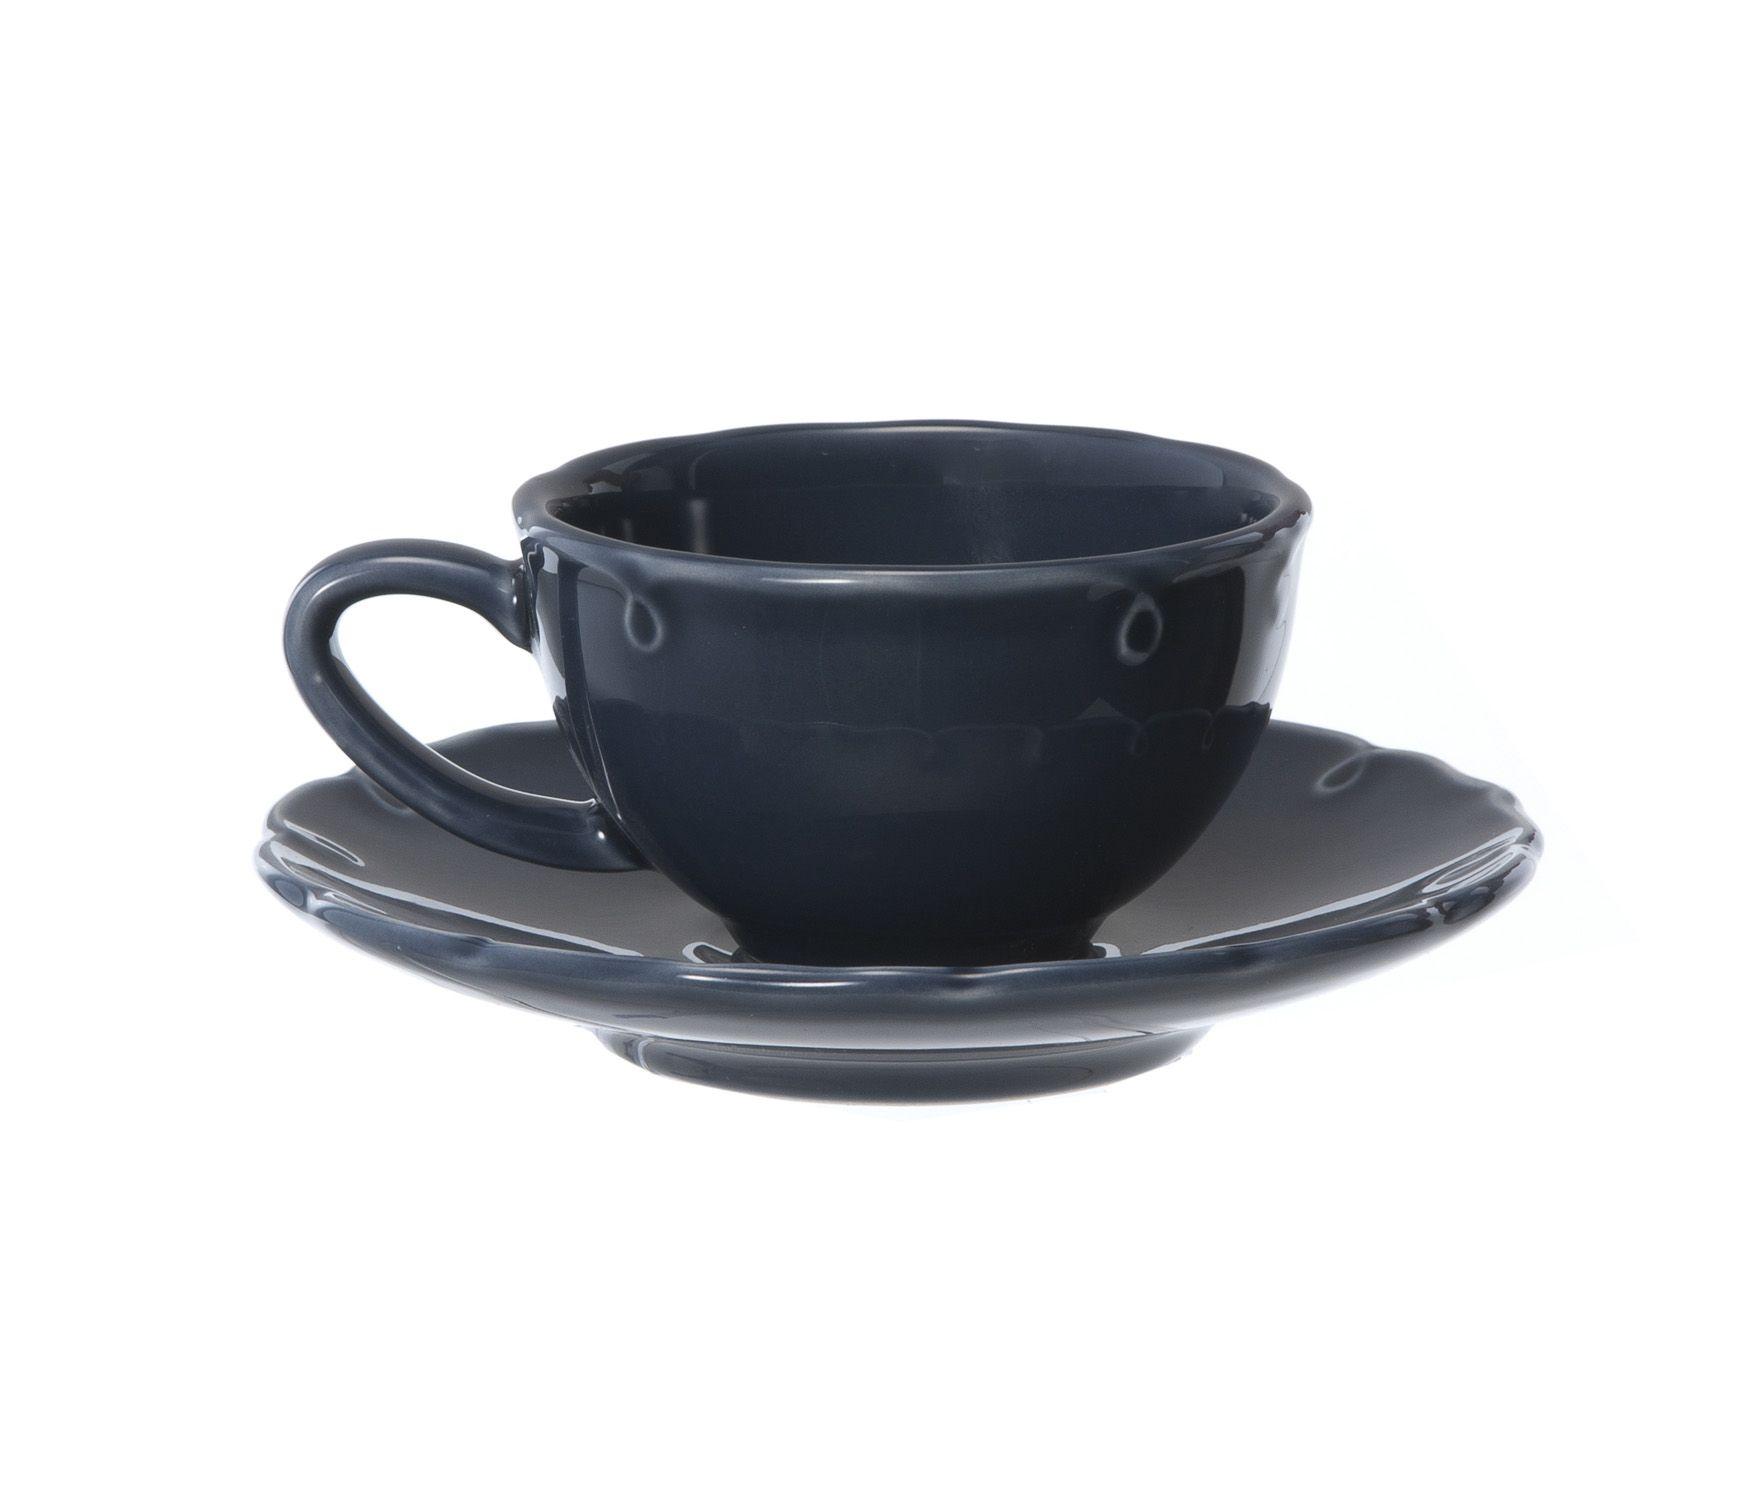 Xicara De Cha Victoria Azul Etna 1 Ou 2 Unidades Ceramica Azul Xicaras De Cha Azul